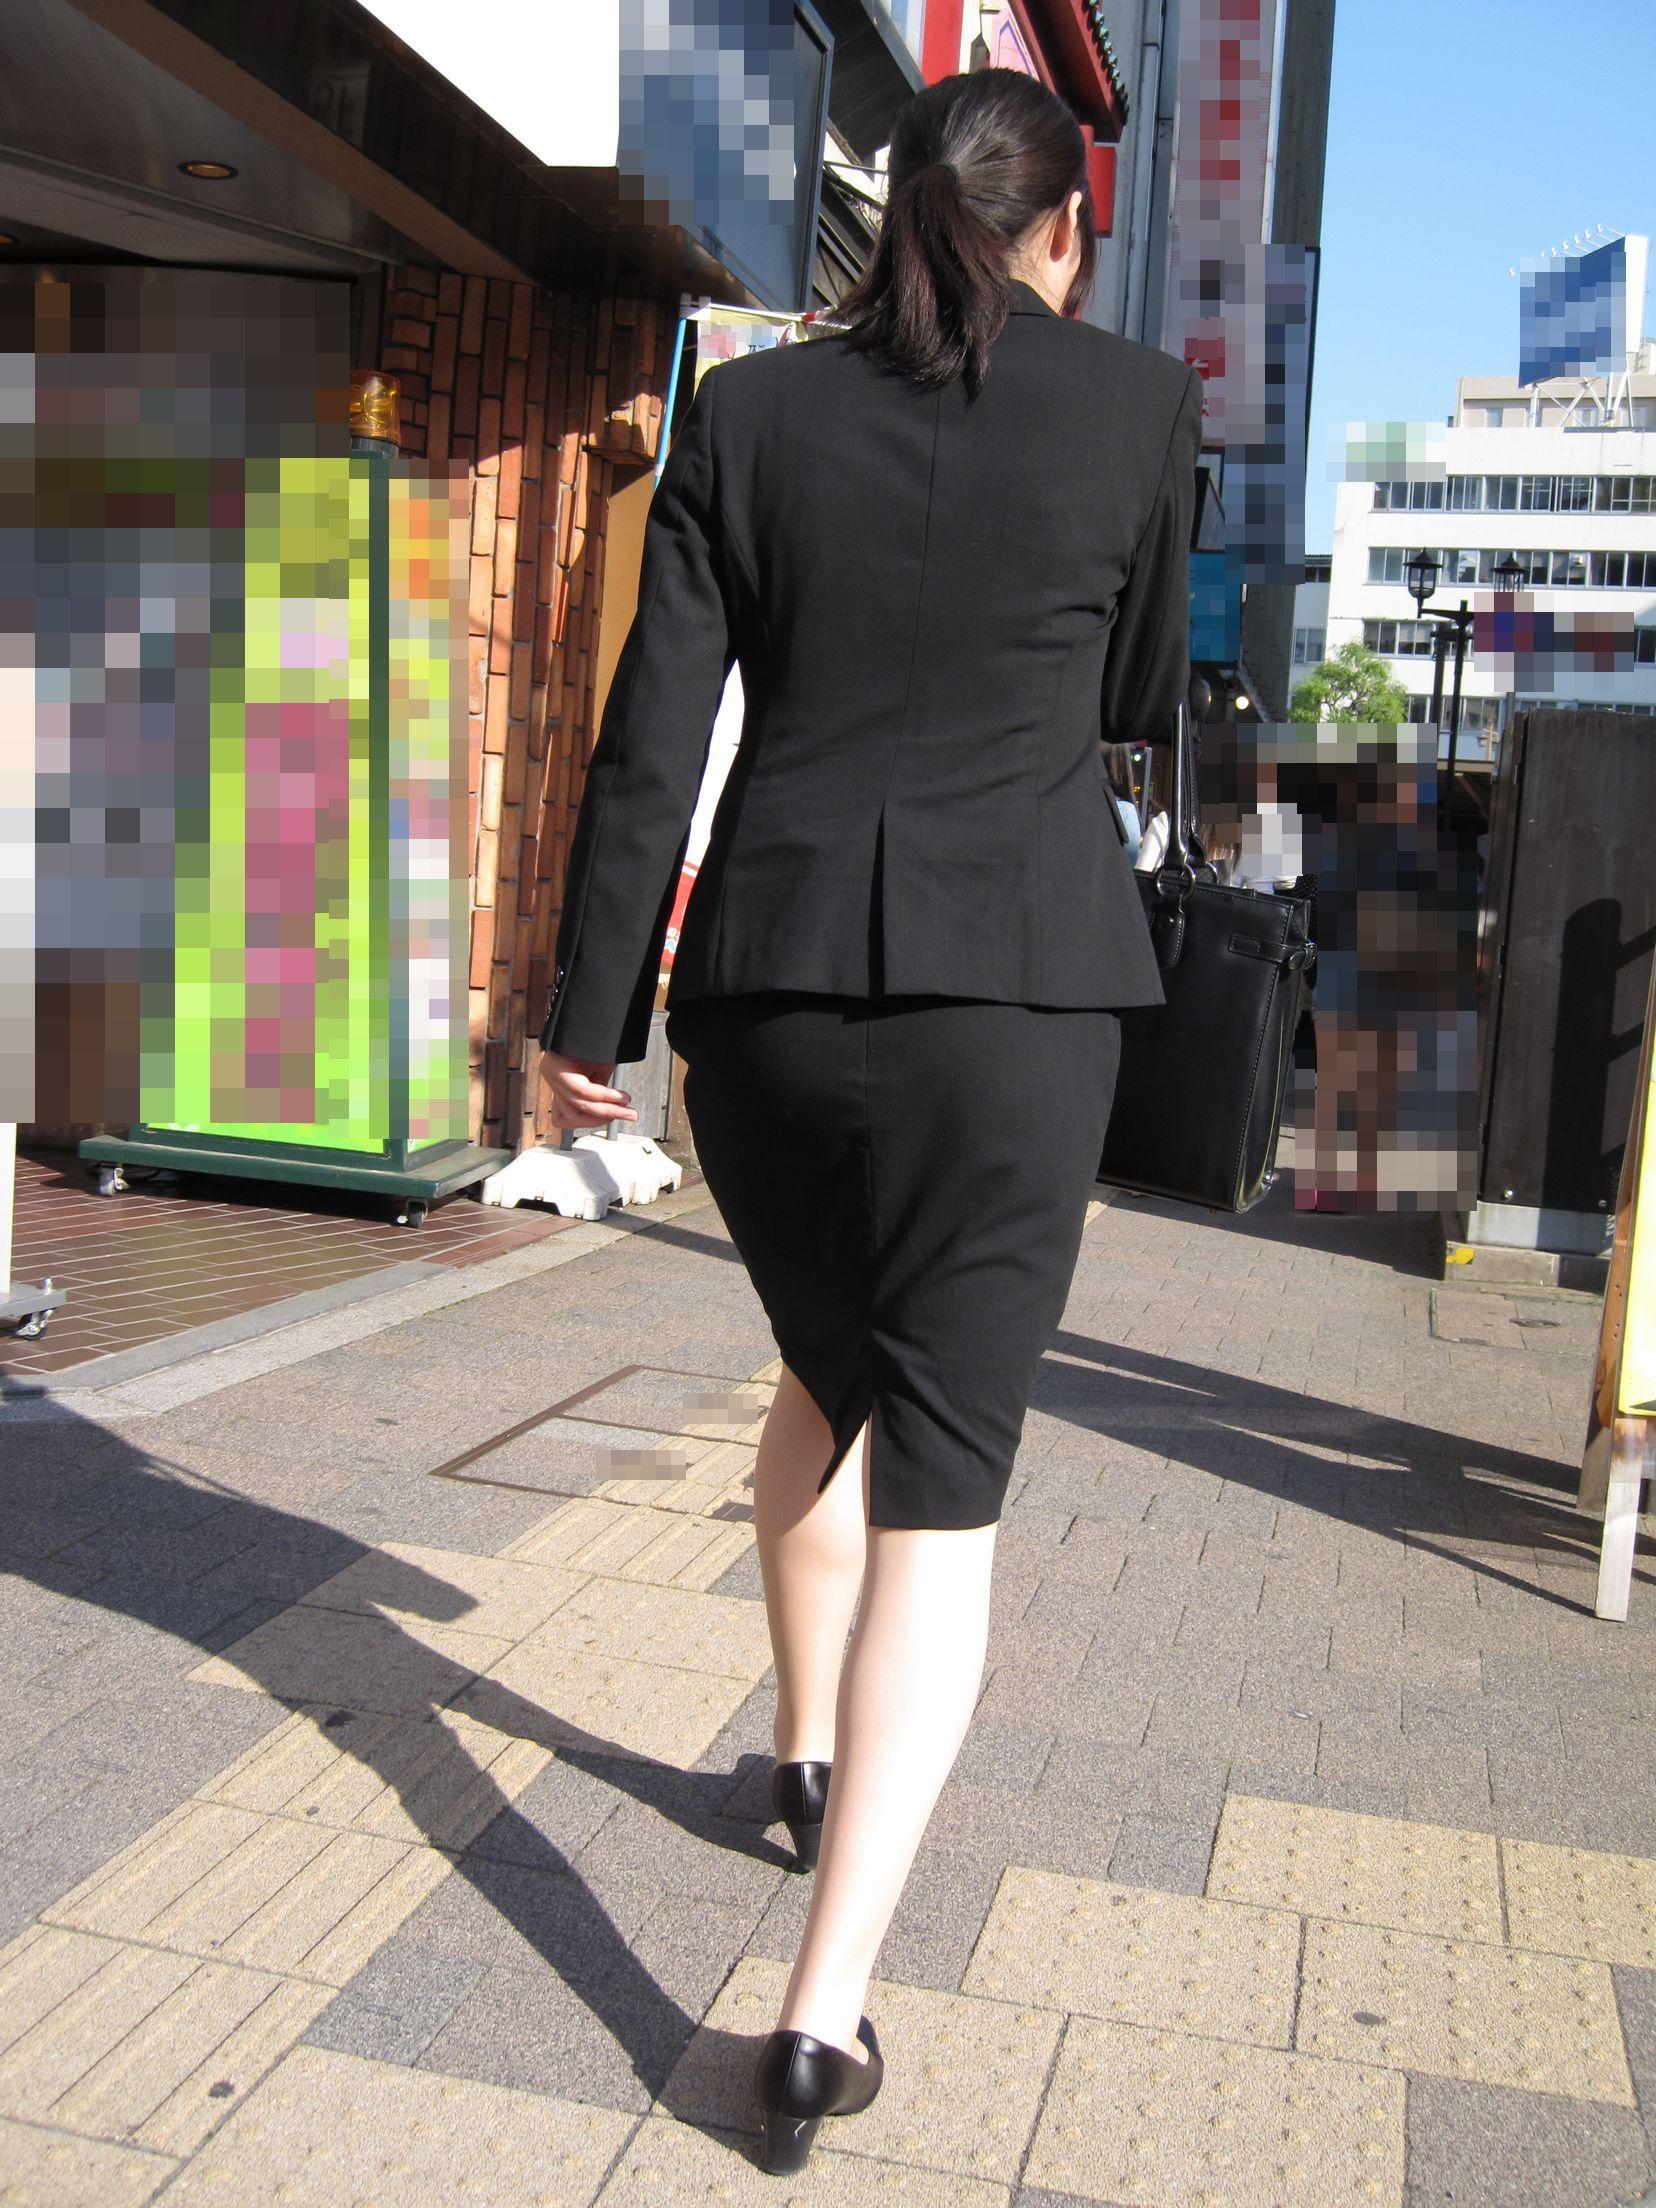 【街撮り画像】就活真っ只中なJDのリクスー尻と美脚を観察www 11